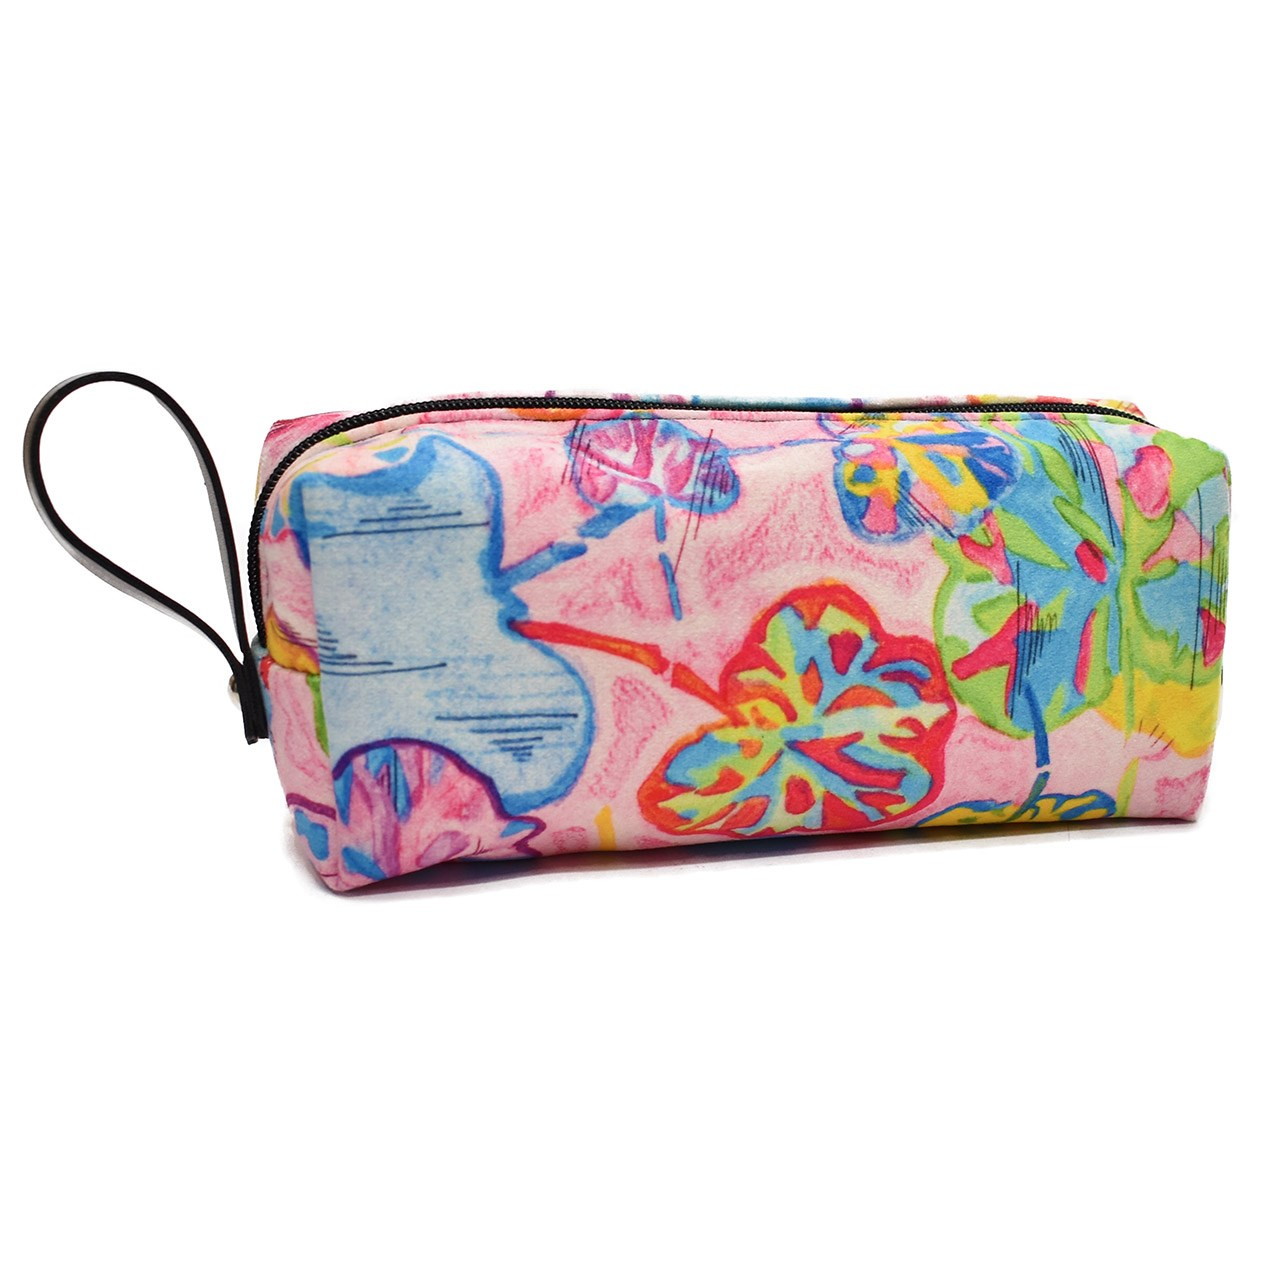 کیف لوازم آرایشی لومانا مدل BAG013